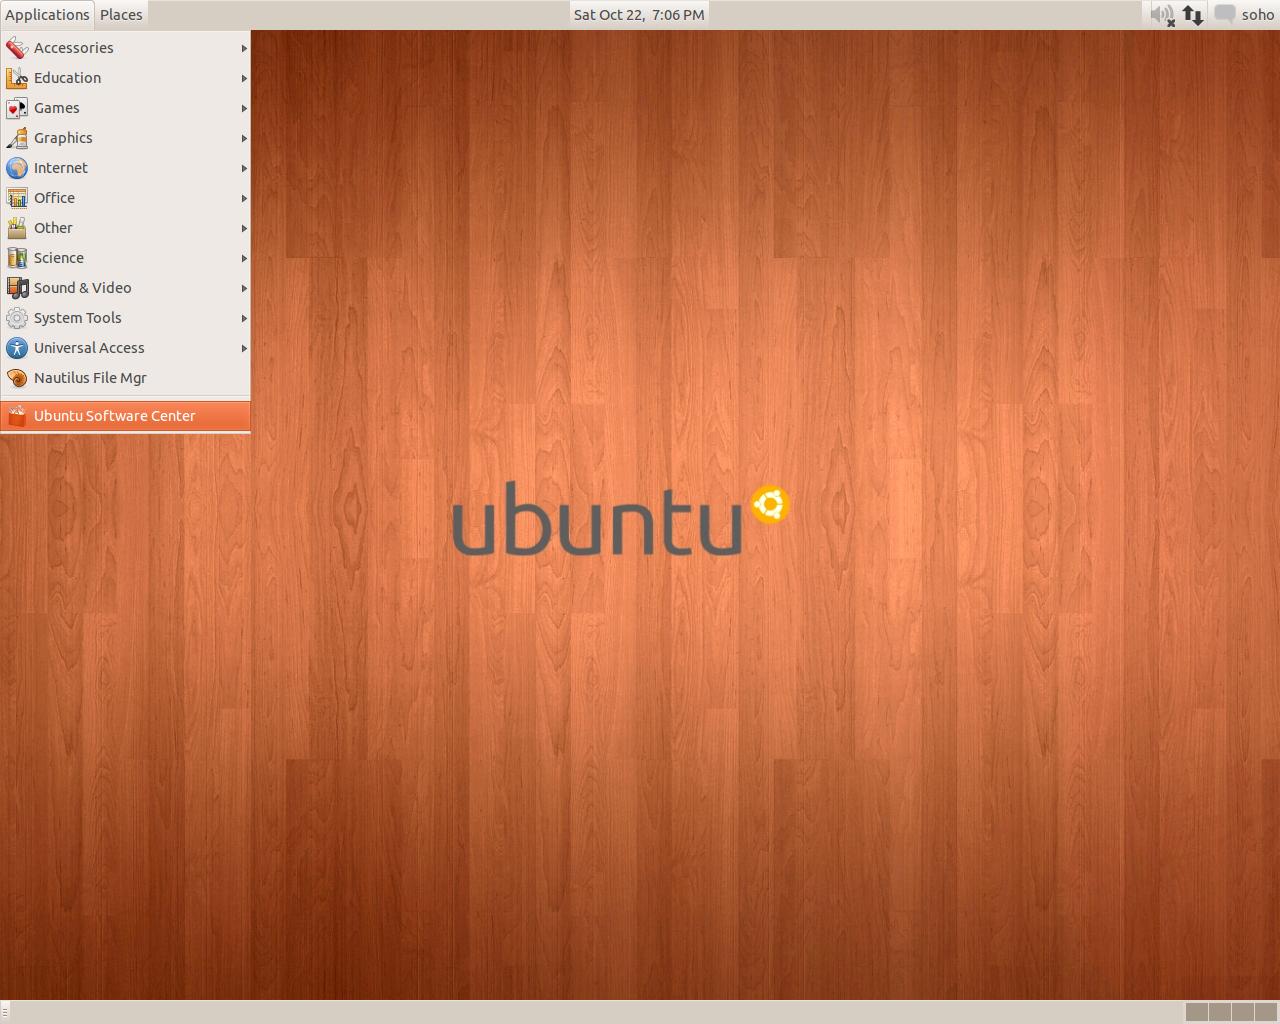 http://3.bp.blogspot.com/-Ec8jZyNKHcg/TqNknYbNKdI/AAAAAAAACZY/PDkoTcxtK_I/s1600/ed-wood-desktop.png